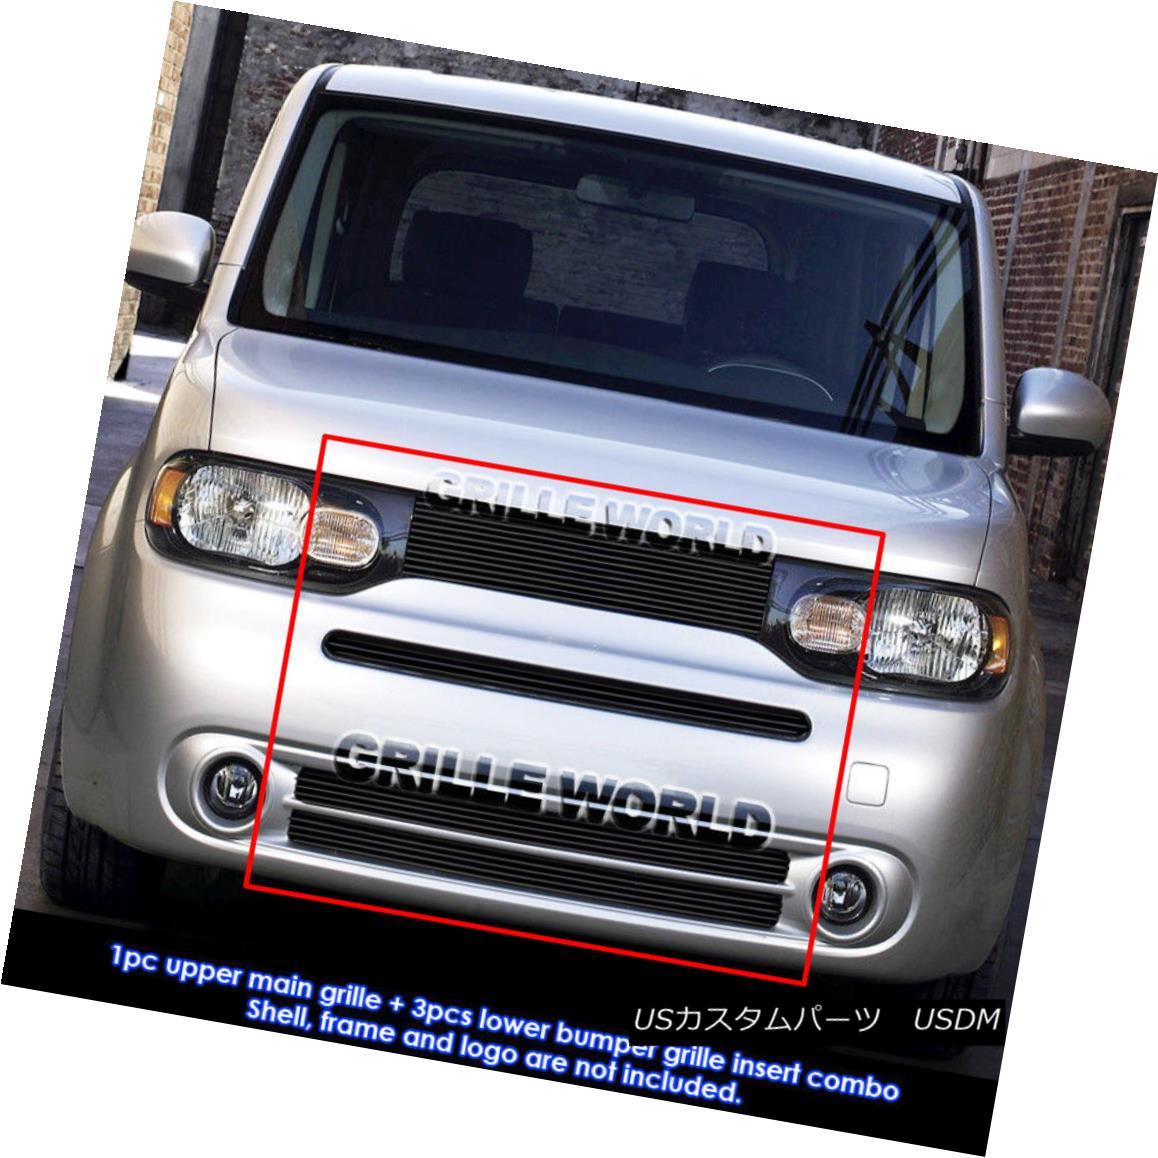 グリル For 09-14 2014 Nissan Cube Black Billet Grille Grill Combo Insert 2014年9月14日日産キューブブラックビレットグリルグリルコンボインサート